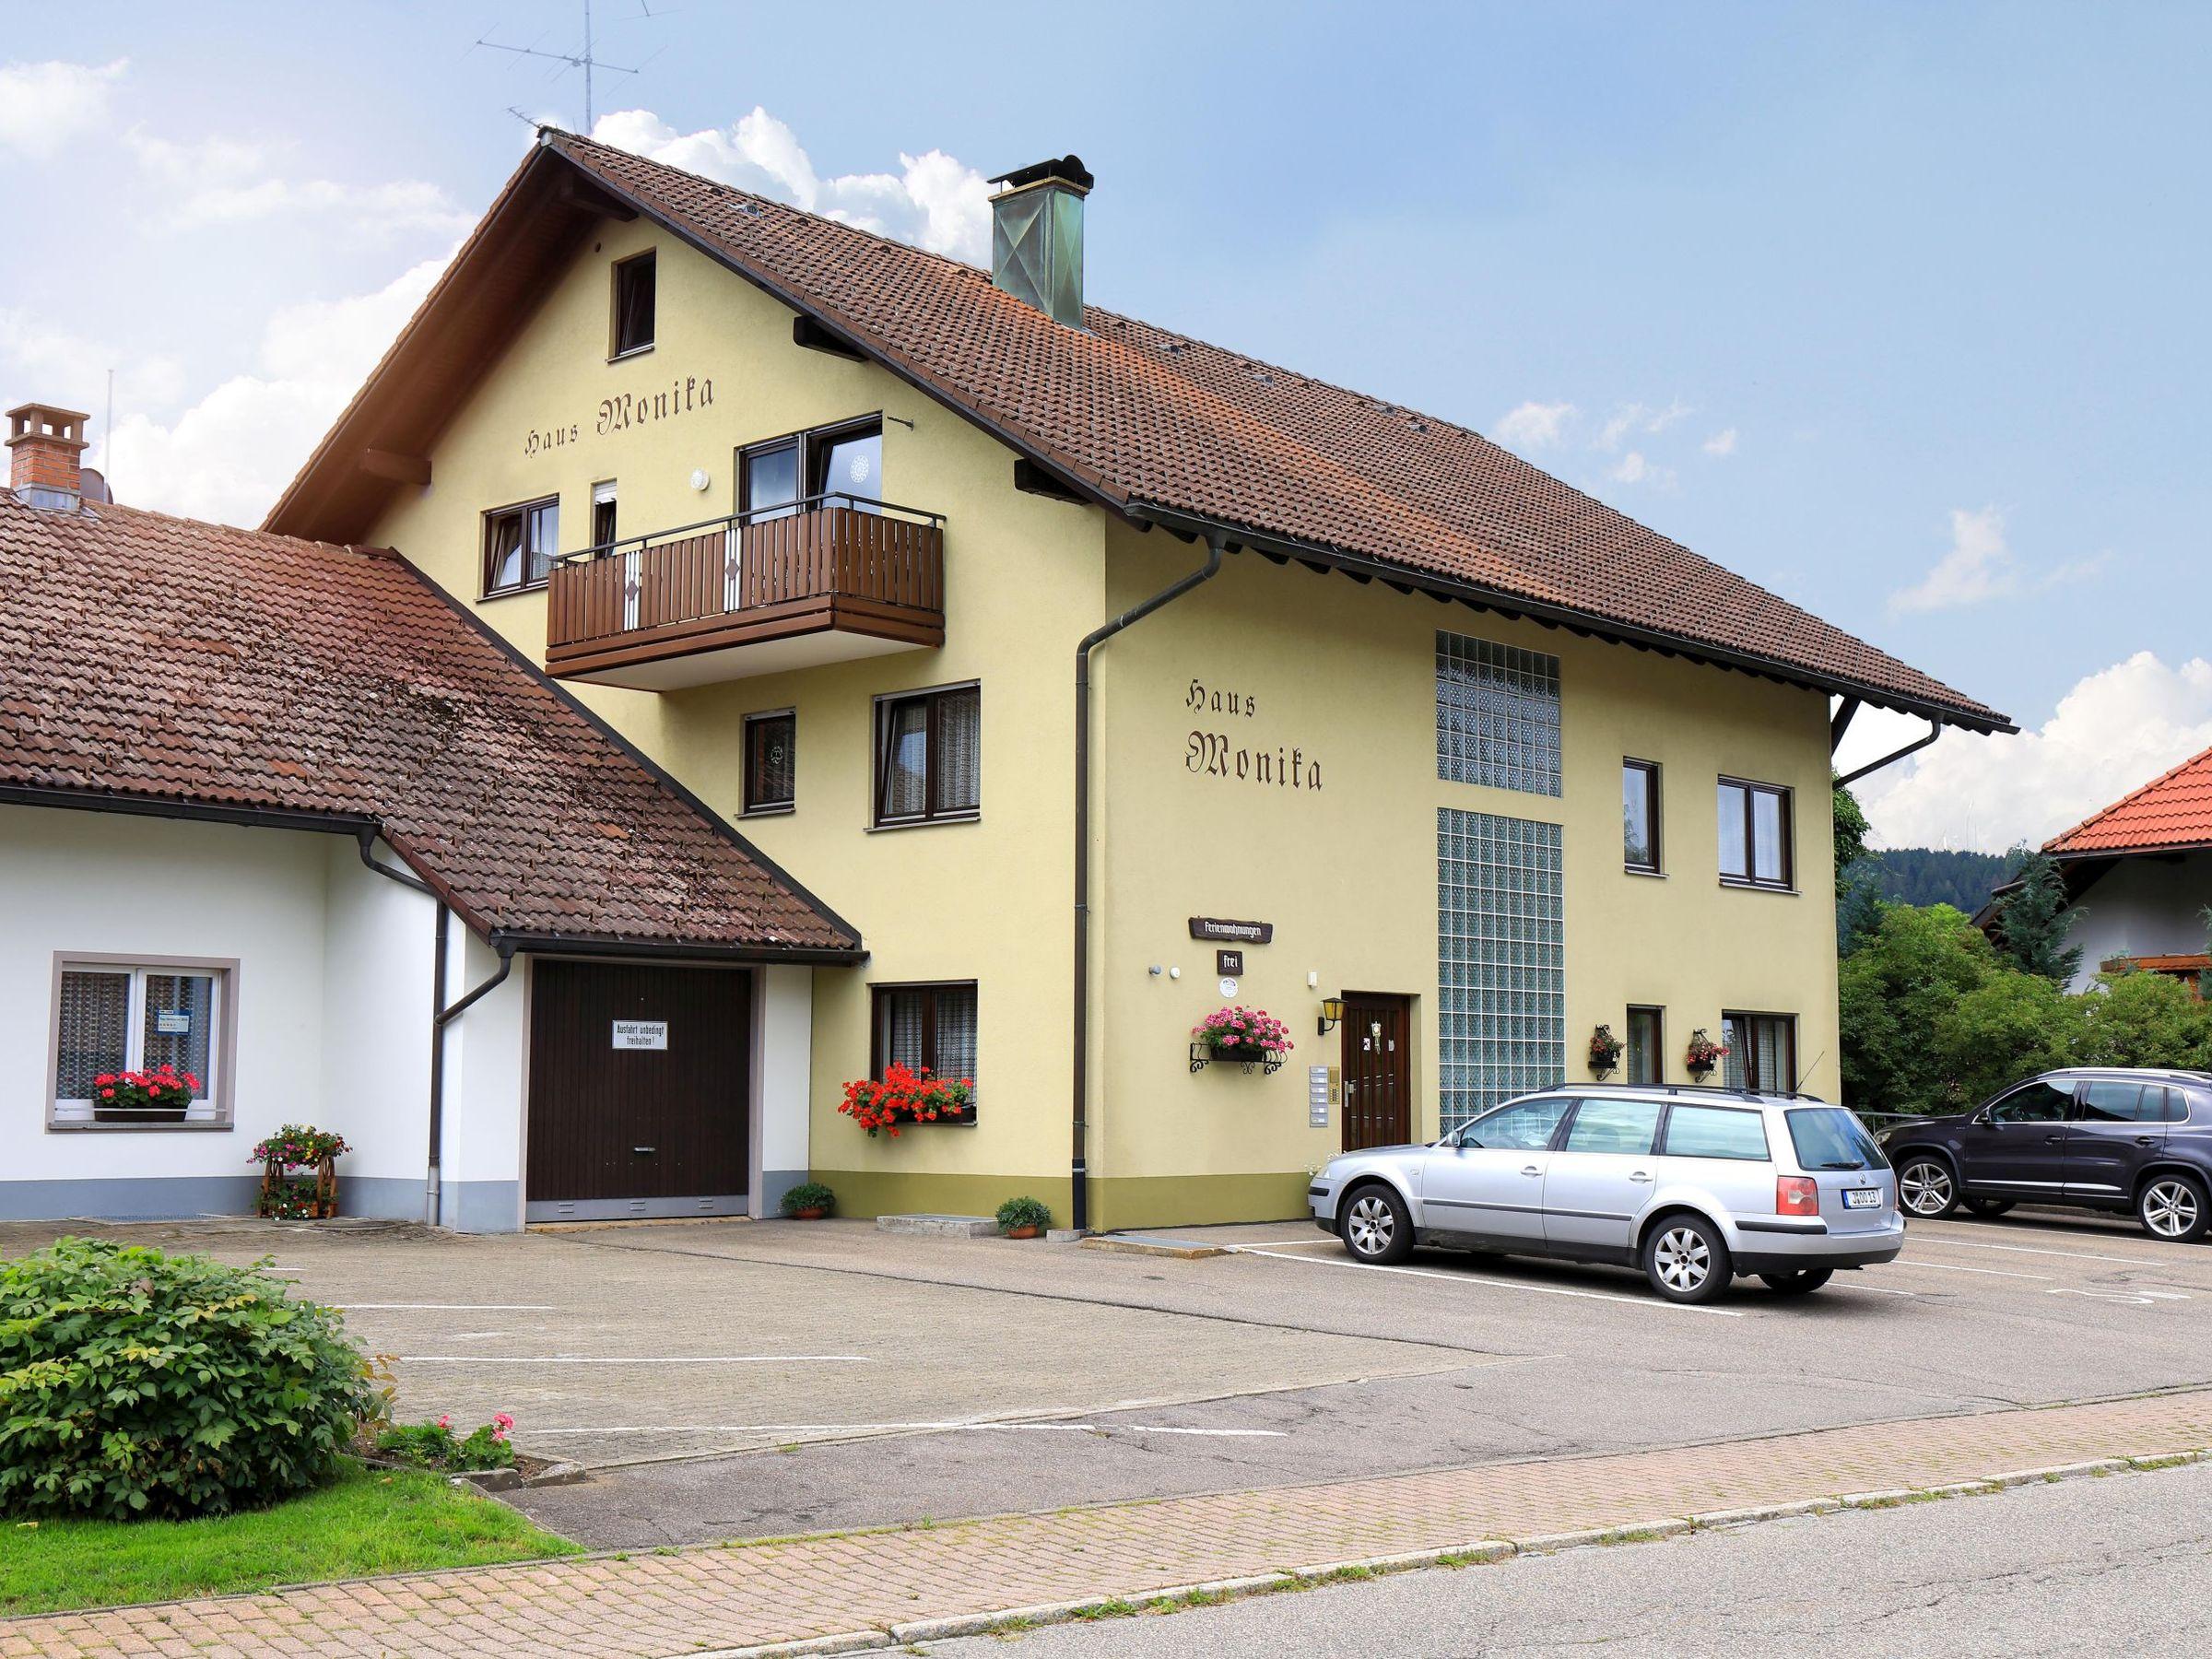 Ferienwohnung Haus Monika Ferienwohnungen, (Herrischried). Ferienwohnung Nr. 3, 62 qm, Balkon, 2 Schlafz (2299231), Herrischried, Schwarzwald, Baden-Württemberg, Deutschland, Bild 3